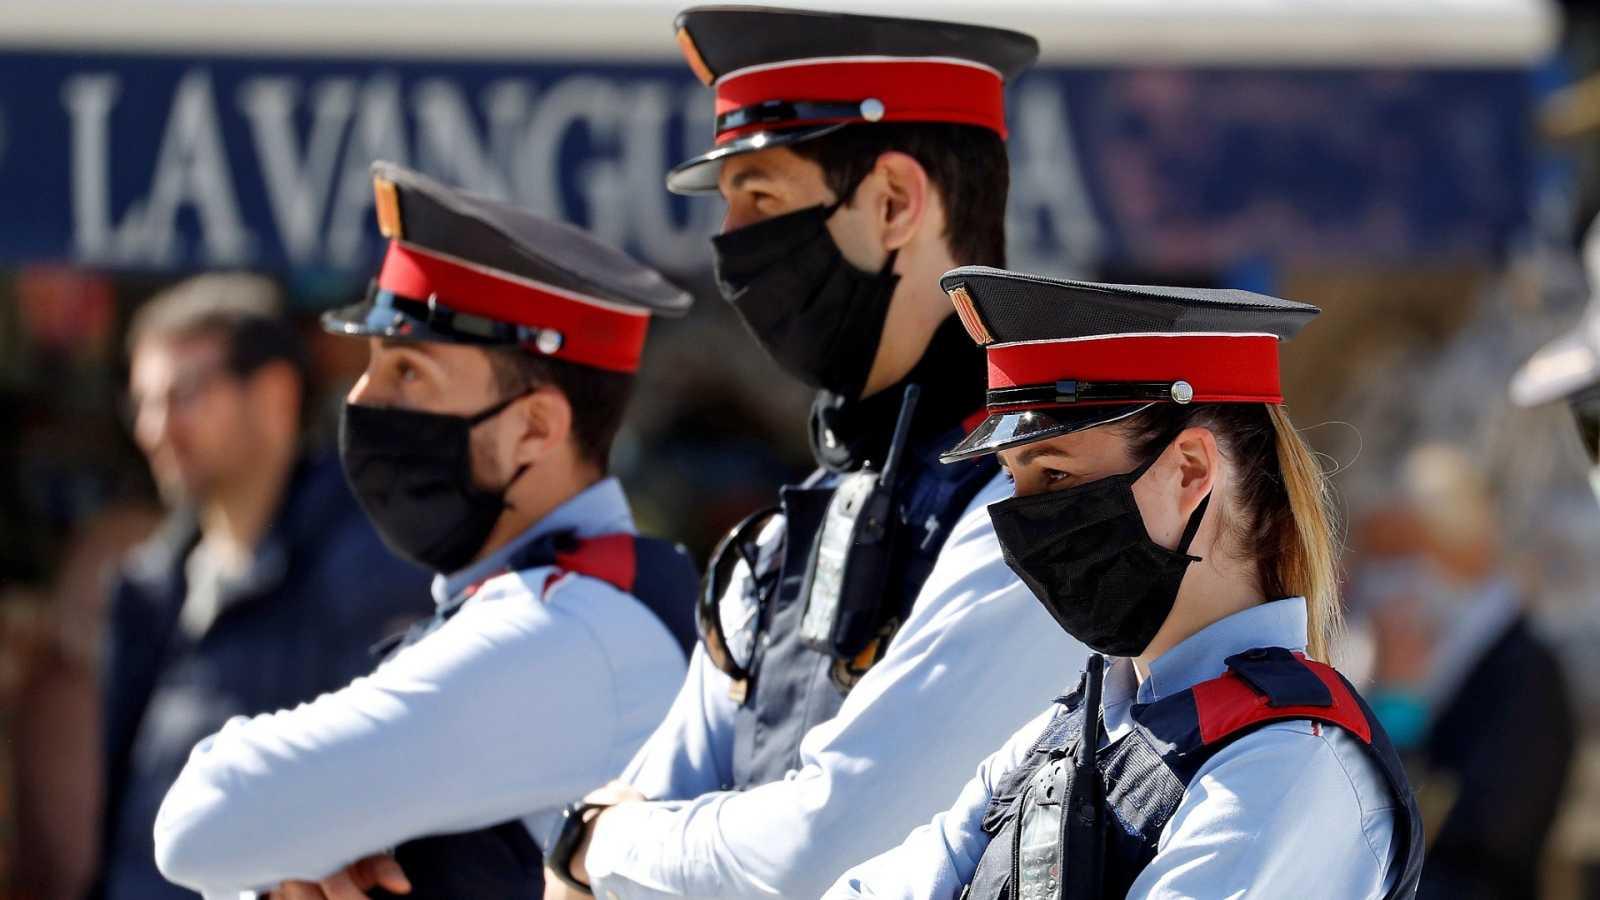 Tres miembros de los Mossos d'Esquadra en el barrio de Sant Antoni